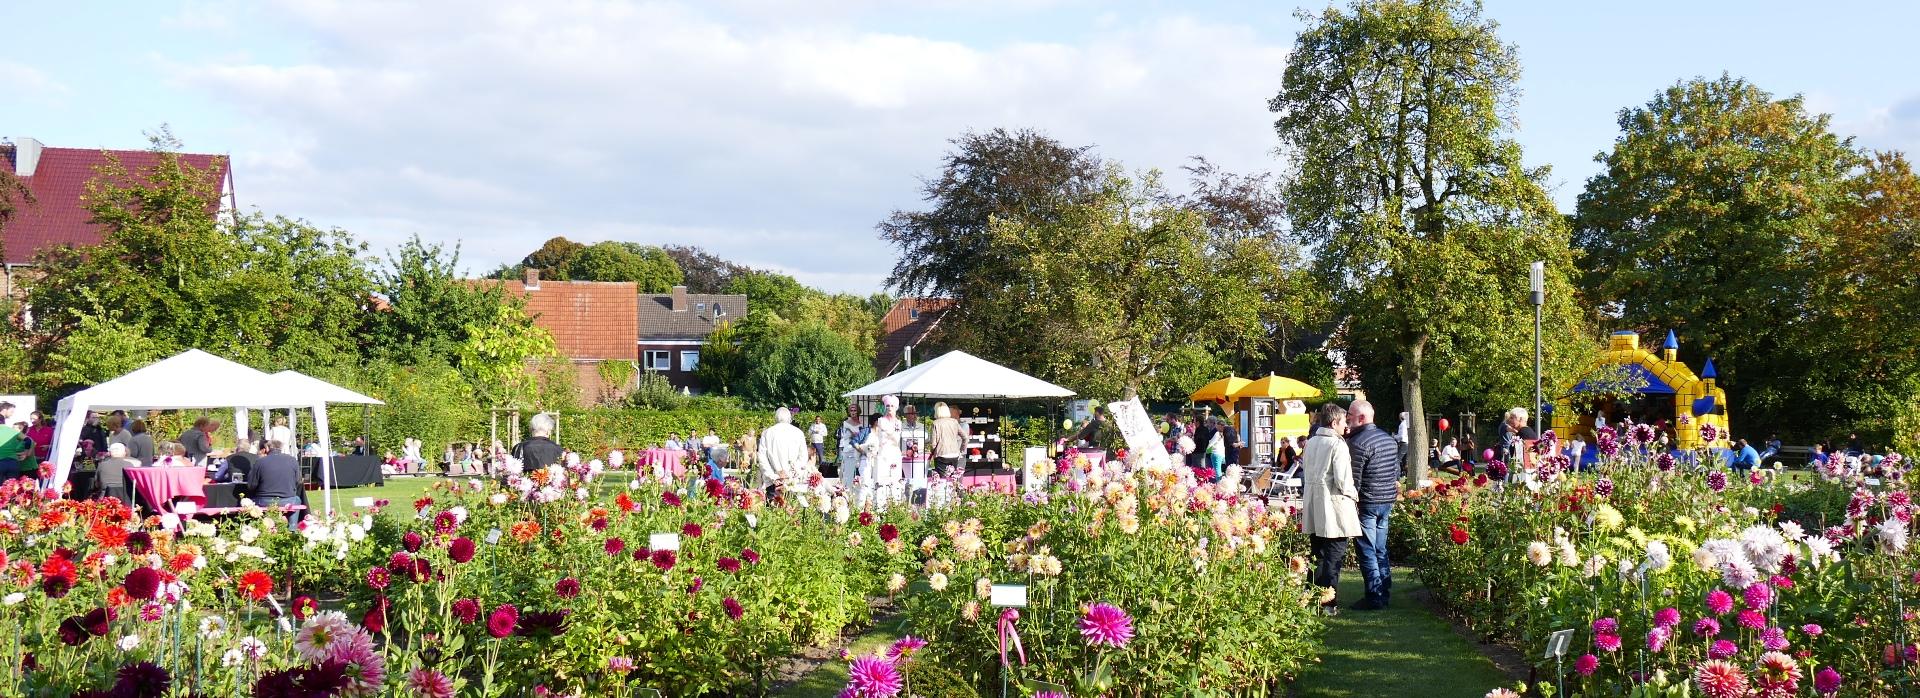 Veranstaltung im Dahliengarten